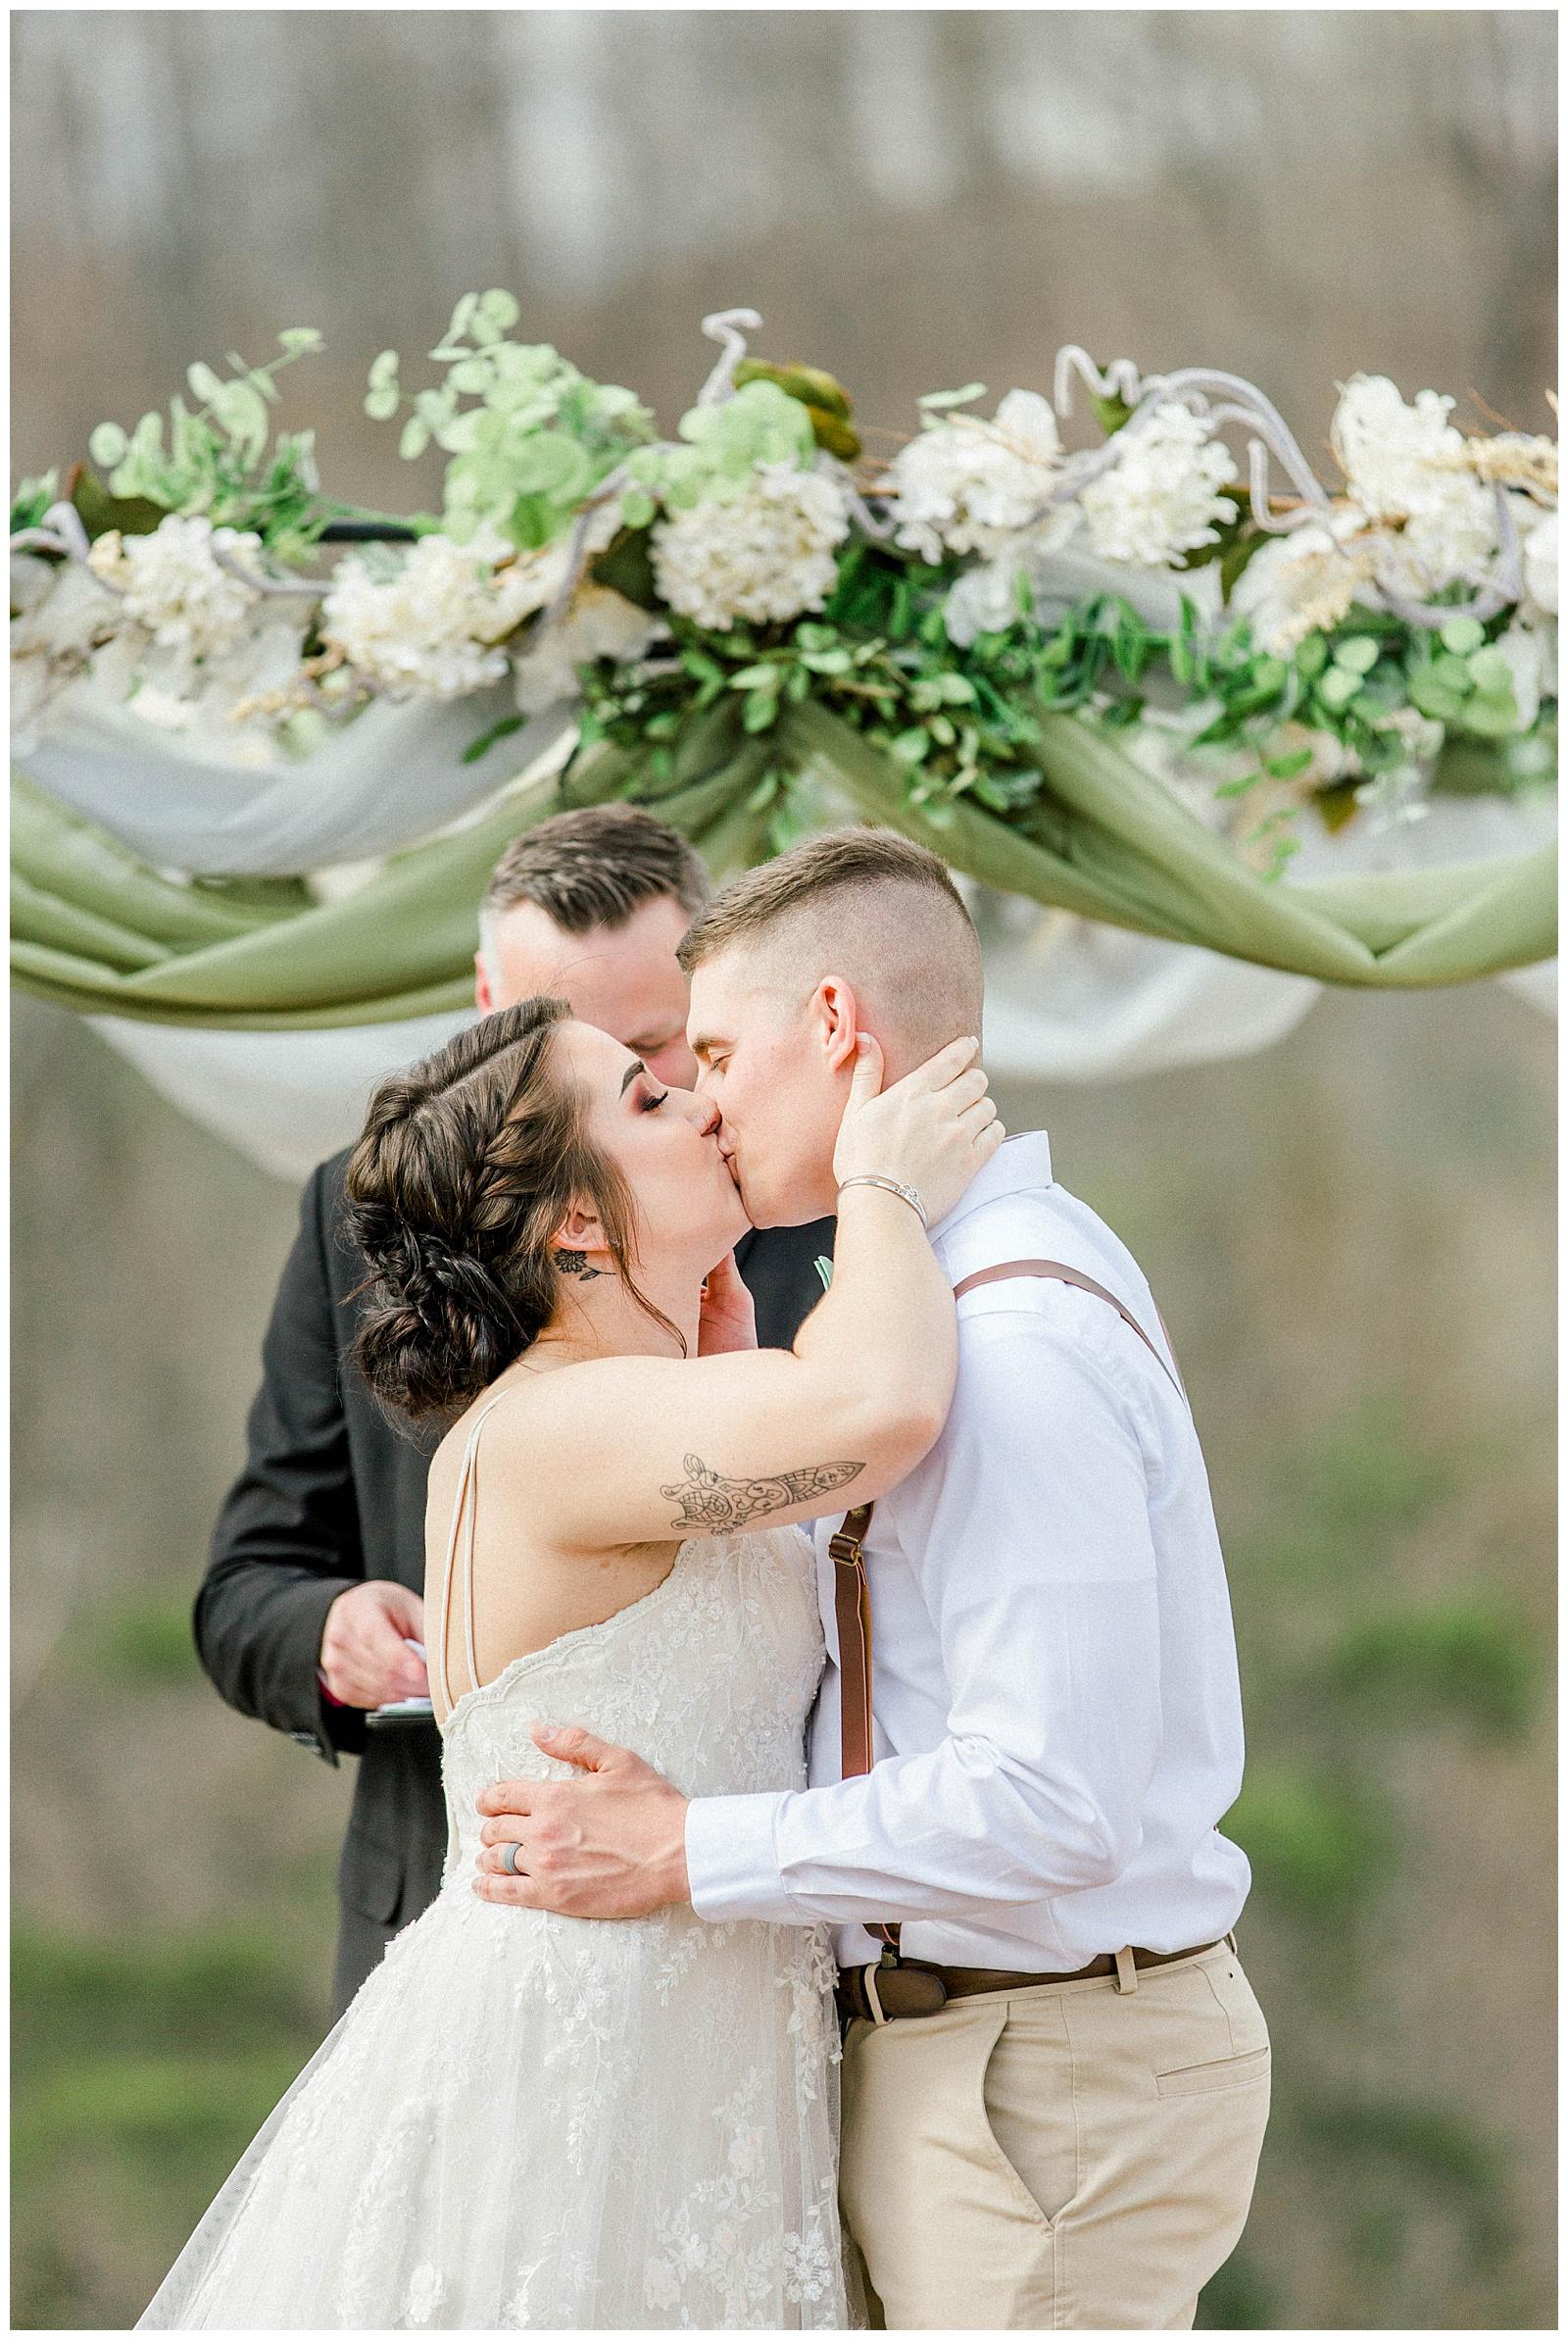 Lewis-Kara-Blakeman-Photography-Huntington-West-Virginia-Wedding-Barn-Olde-Homestead-28